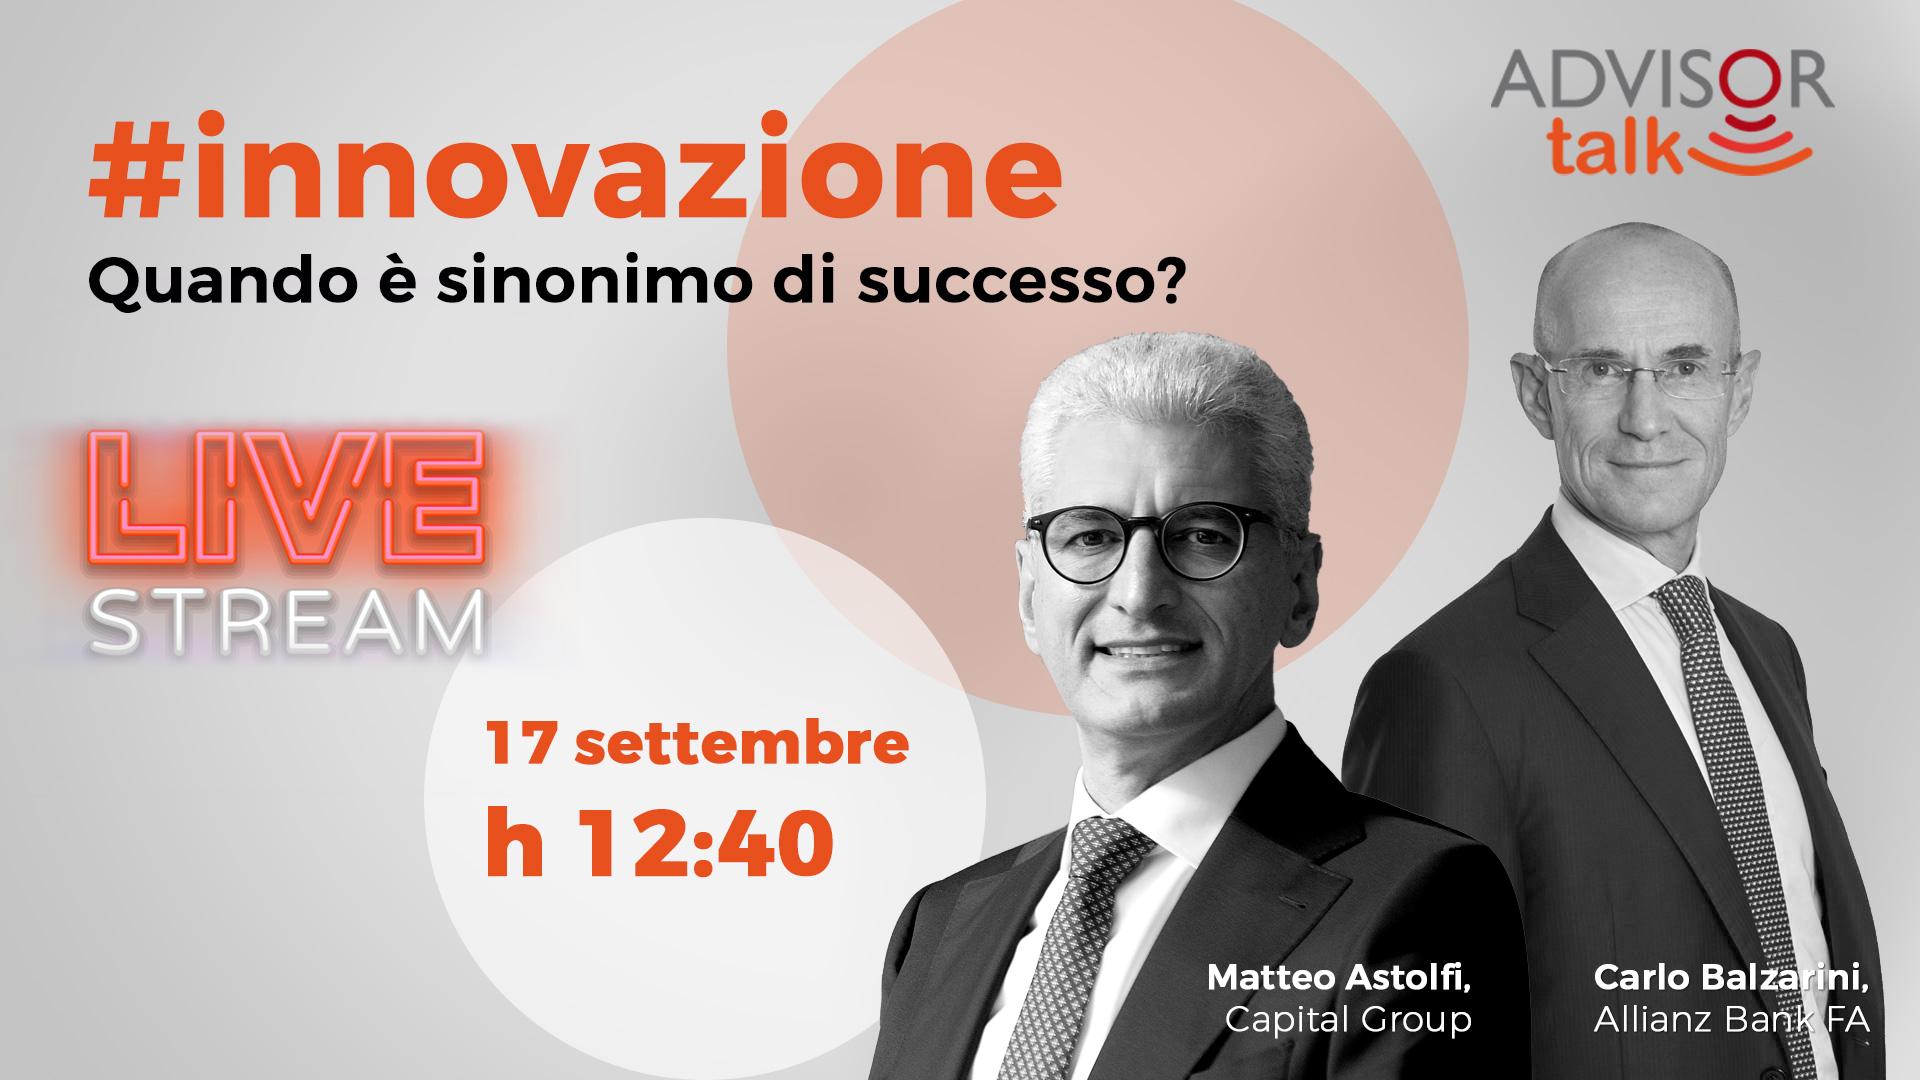 #innovazione - Quando è sinonimo di successo?